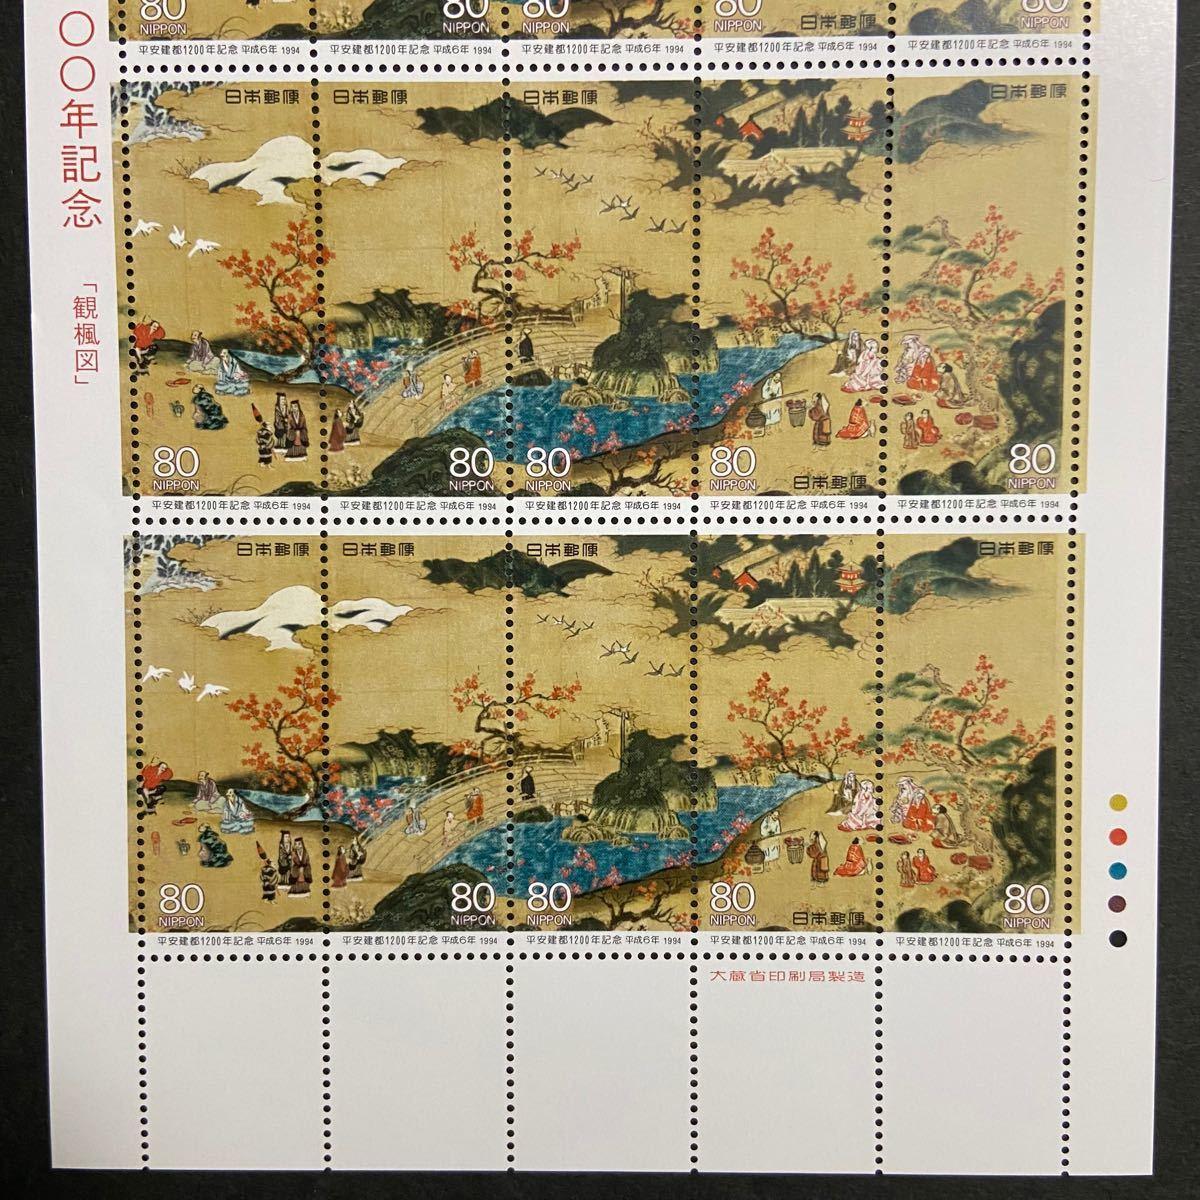 切手 シート 平安建都1200年記念 観楓図 1994年